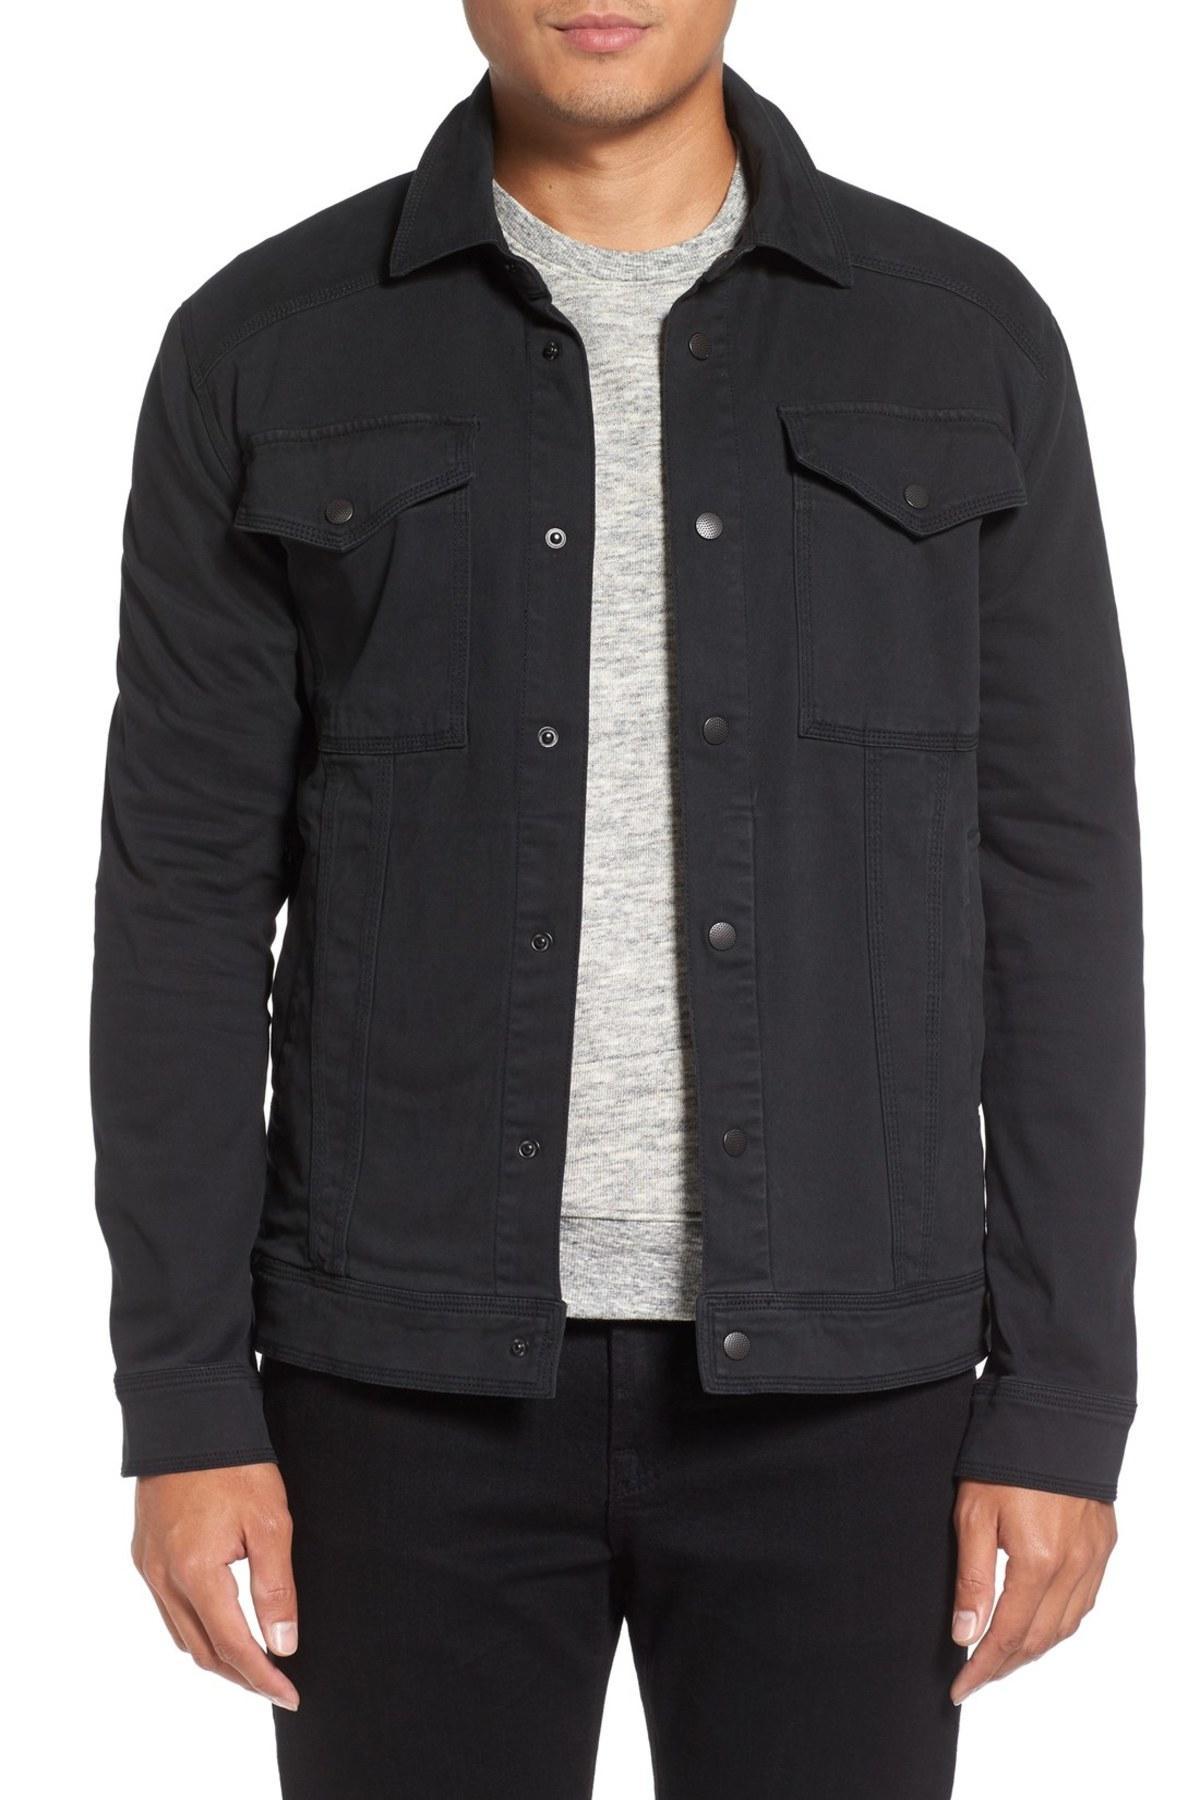 Michael stars Shirt Jacket in Black for Men